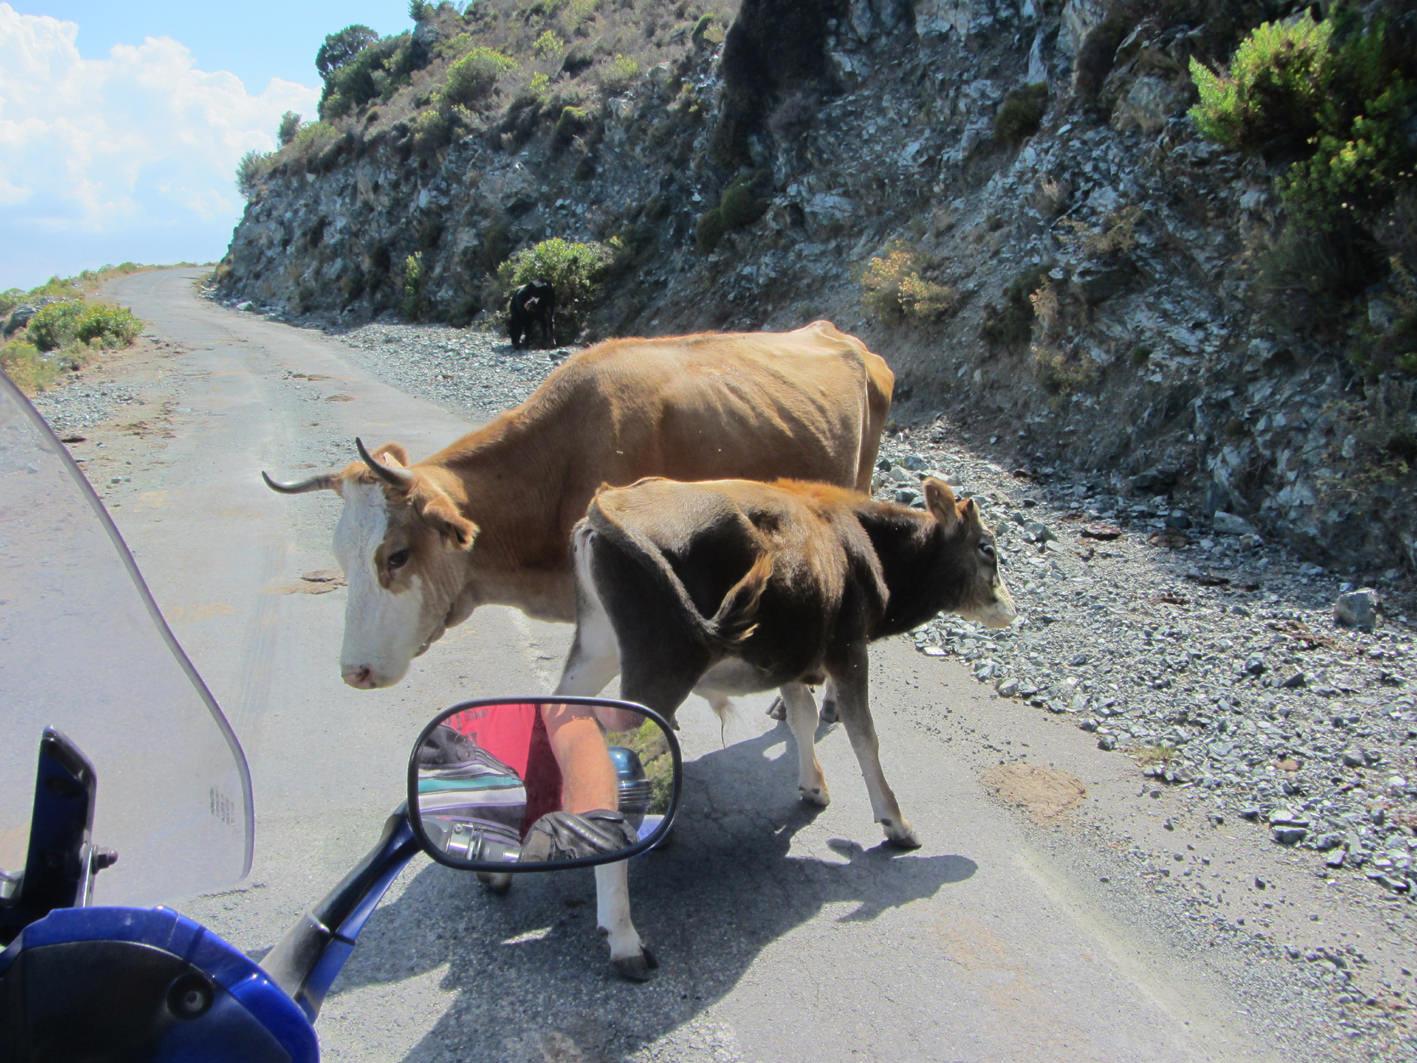 Koeien op de weg op Corsica